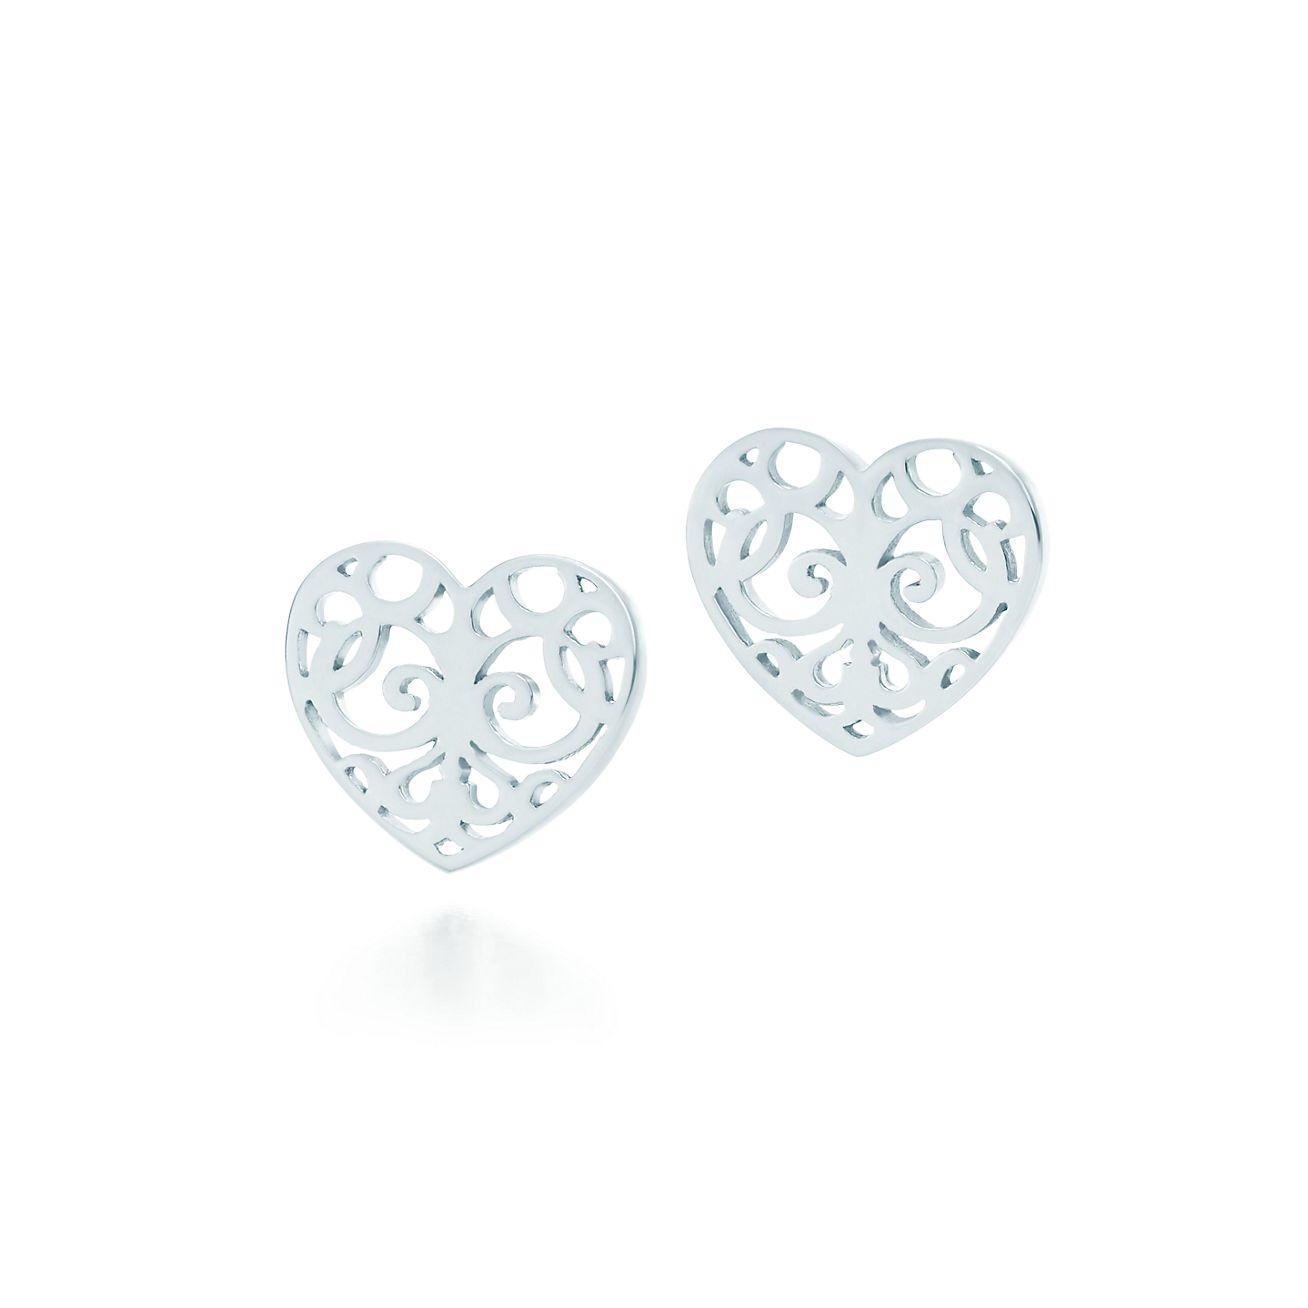 Tiffany Co Sterling Silver Heart Stud Earrings 32153801933870edecomiteml2idkjoqn2fmtjpgfitconstrain